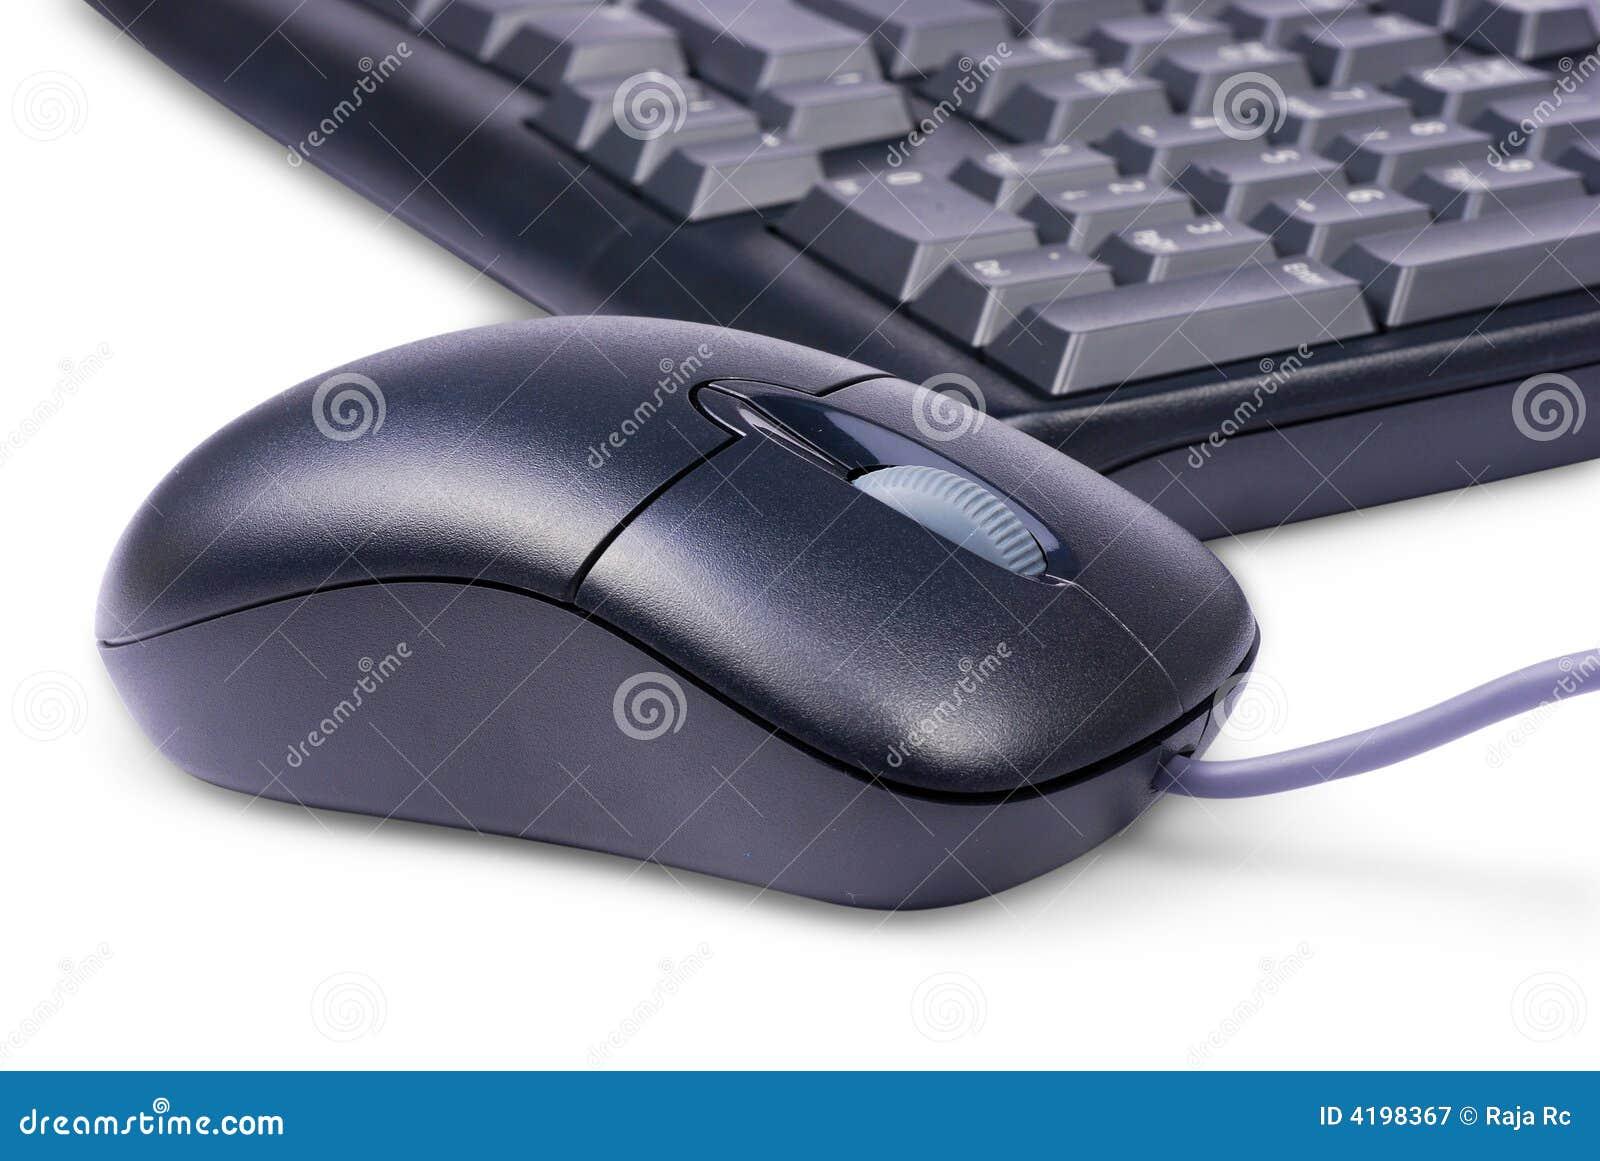 Mysz klawiaturowa